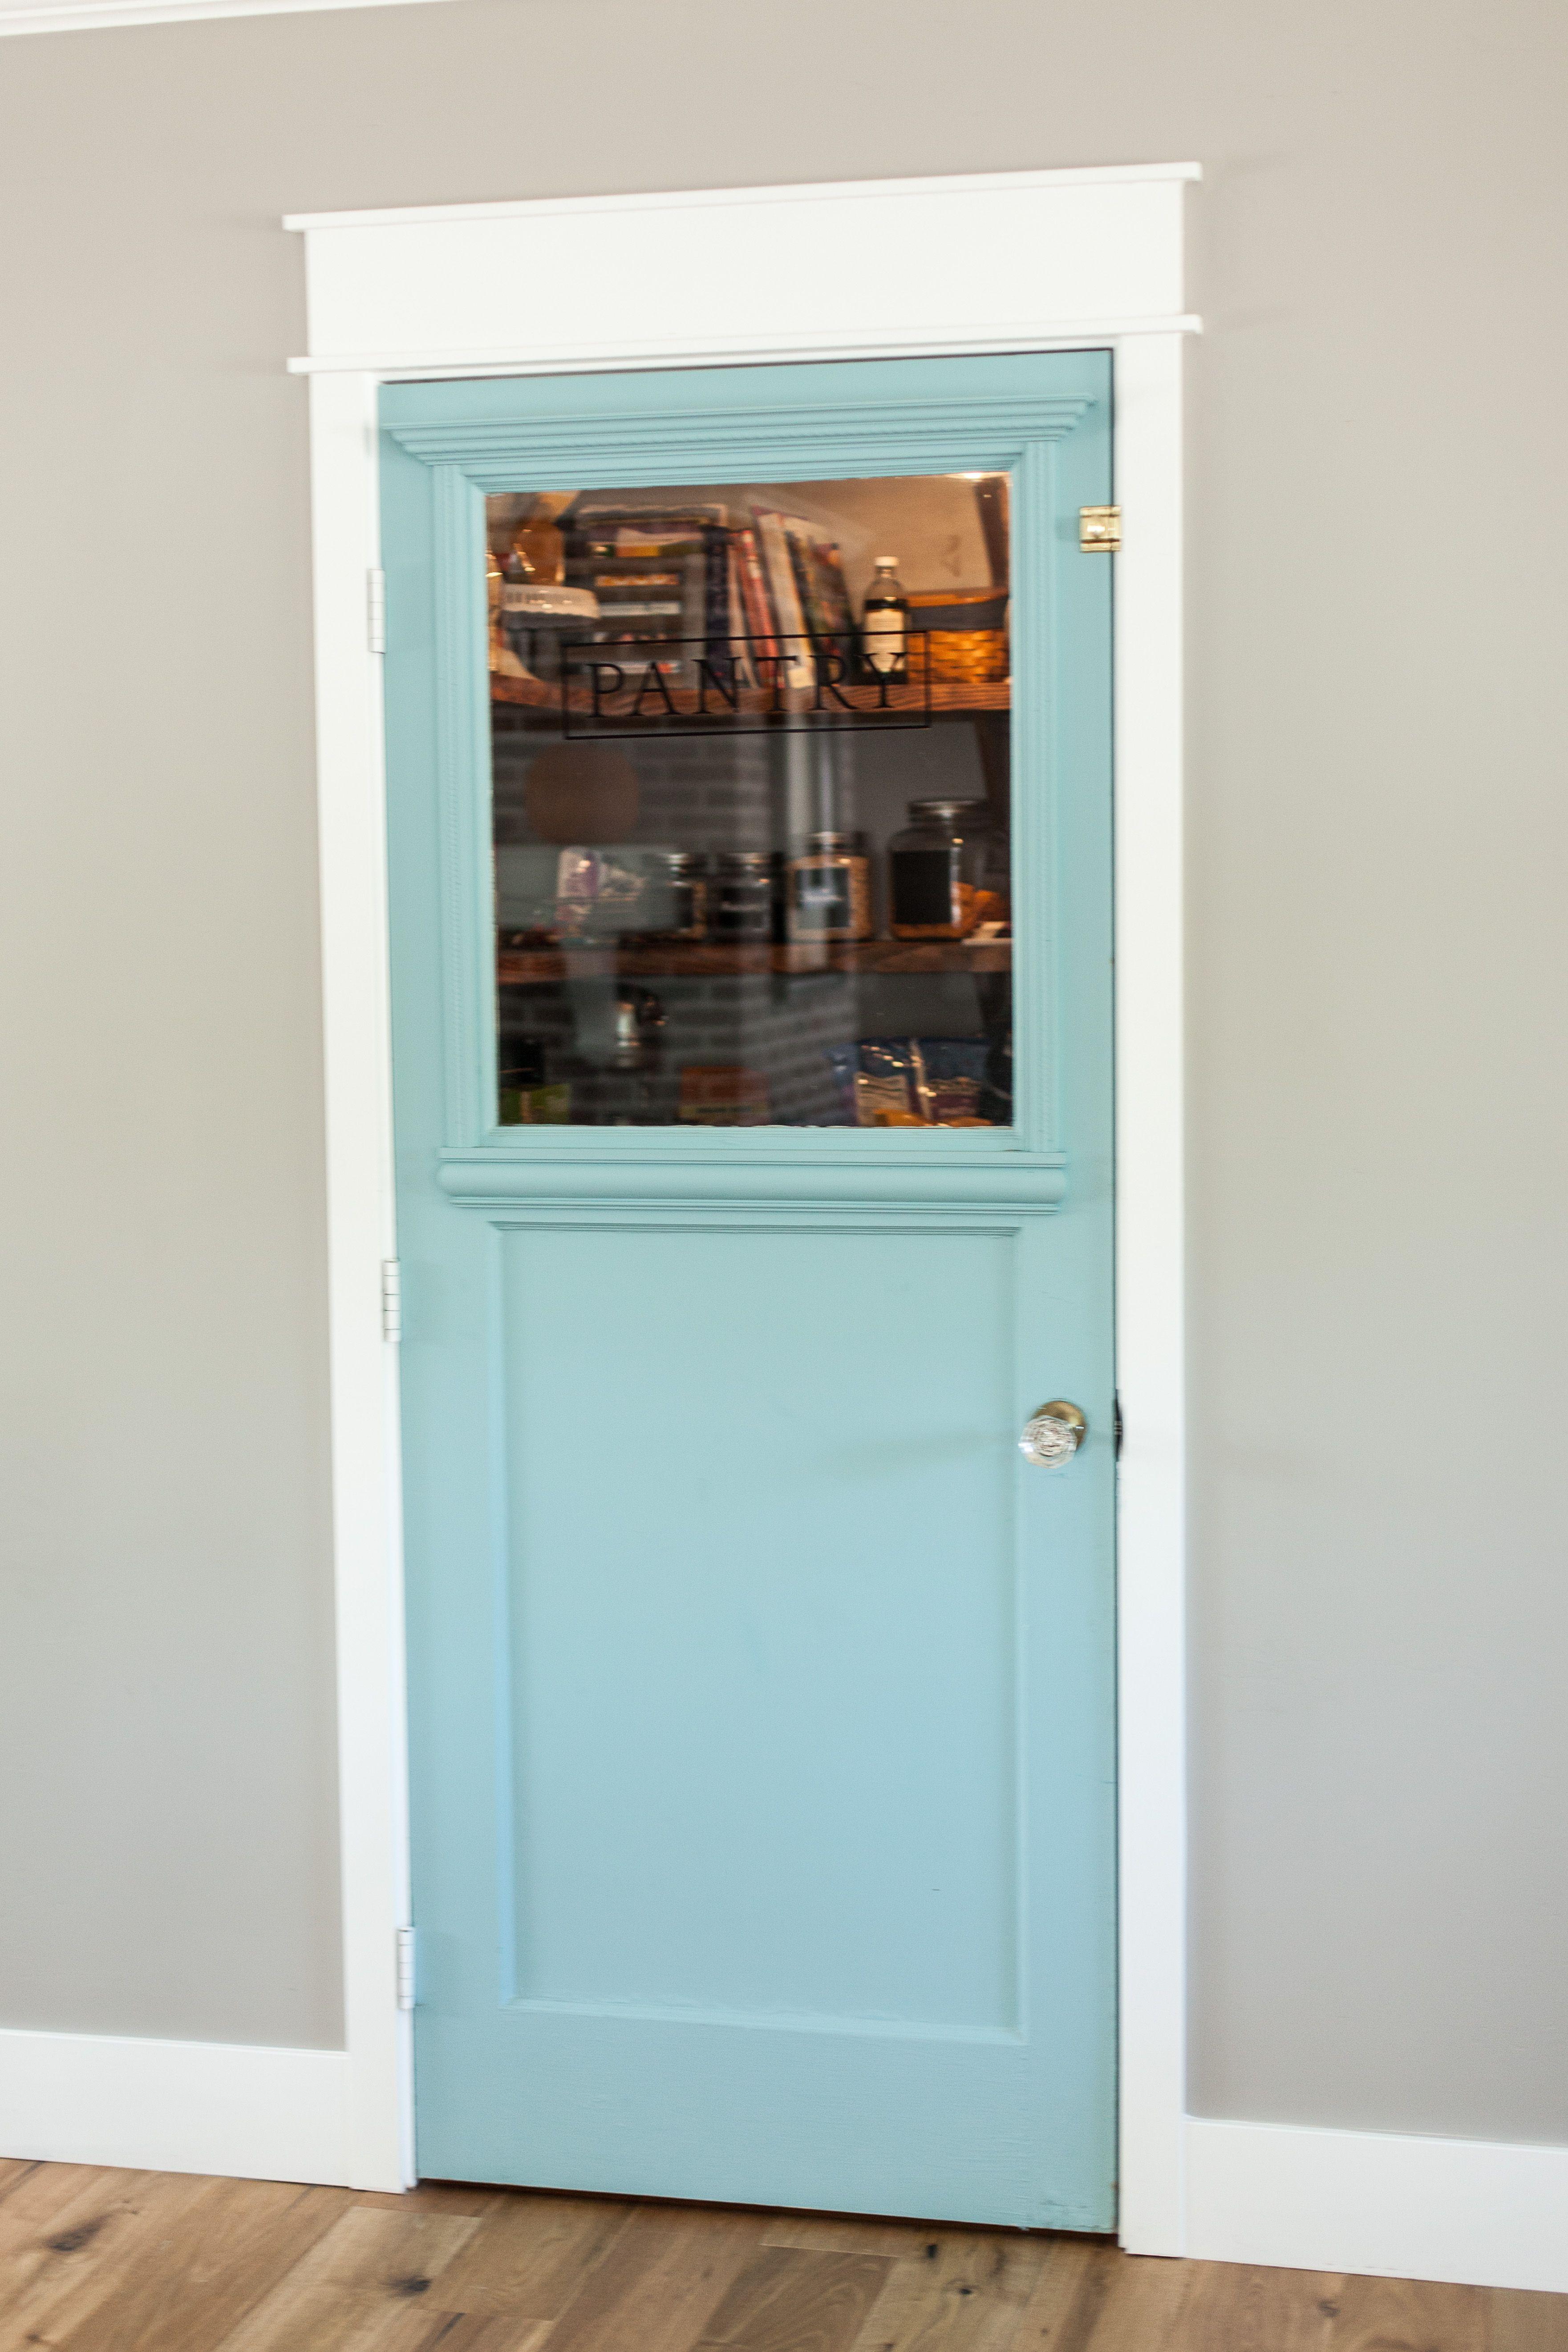 Custom Mint Pantry Door By Rafterhouse Myrafterhouse Pinterest